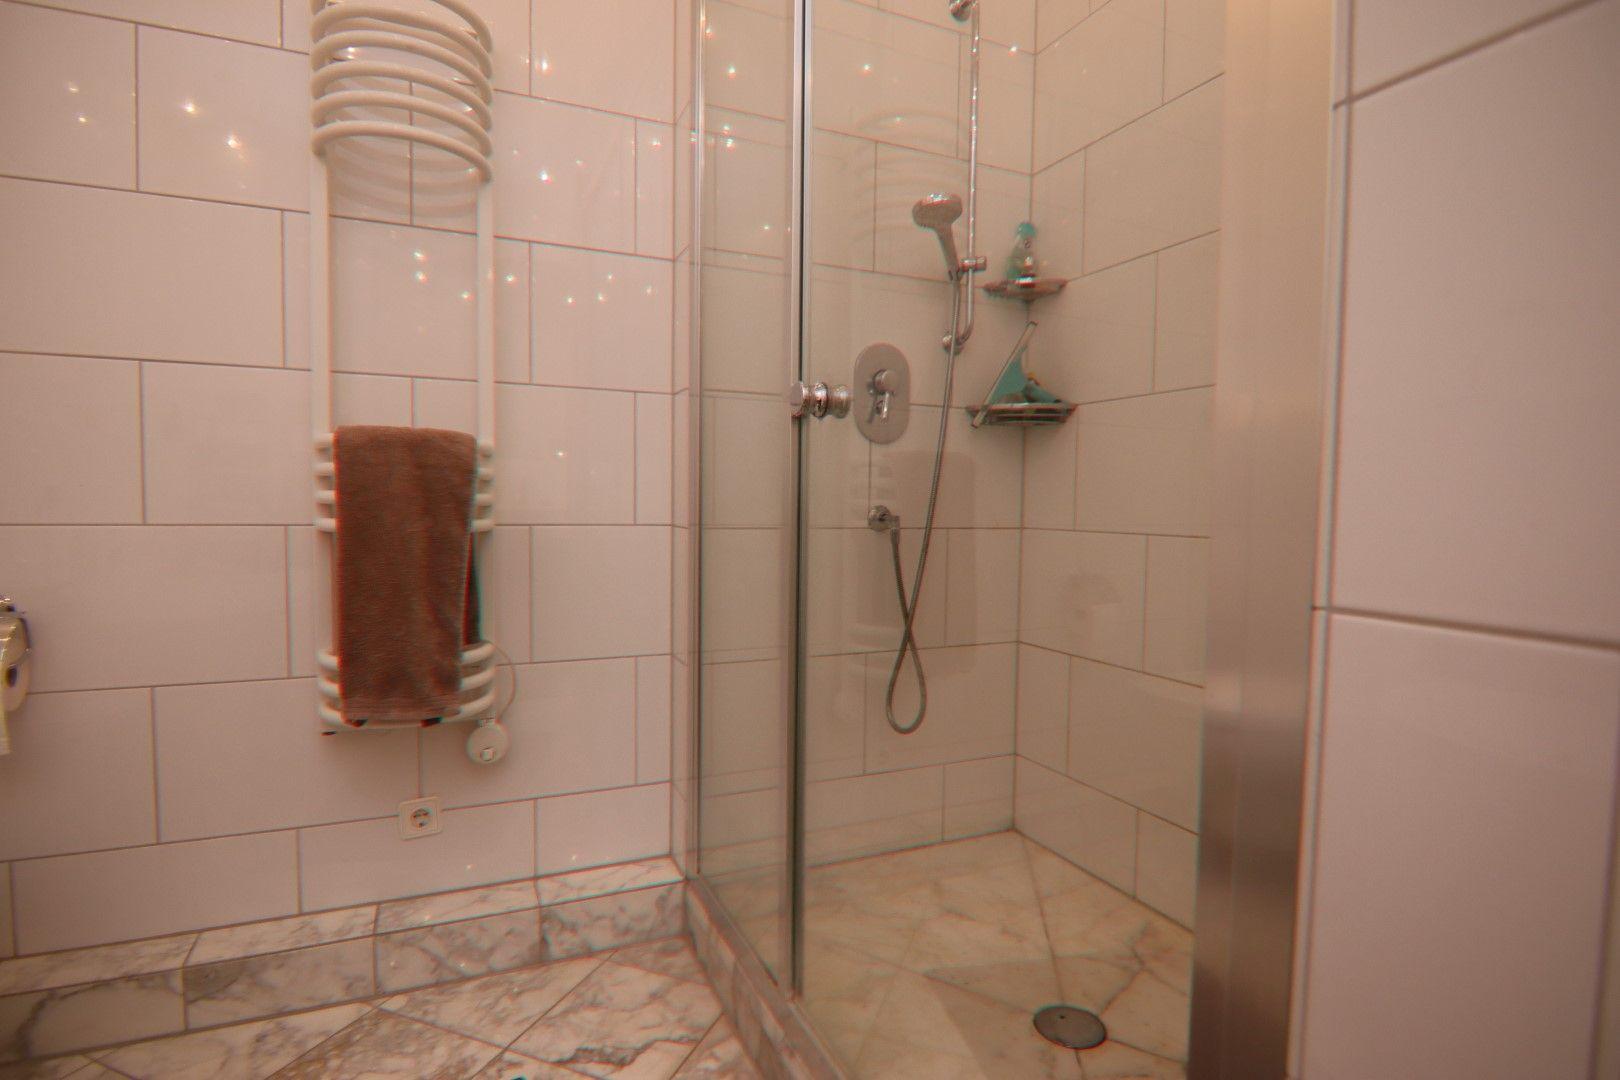 Immobilie Nr.0275 - 4-Raum-Deluxe-Wohnung mit Aufzug, Dachterrasse u. Garage - Bild 12.jpg